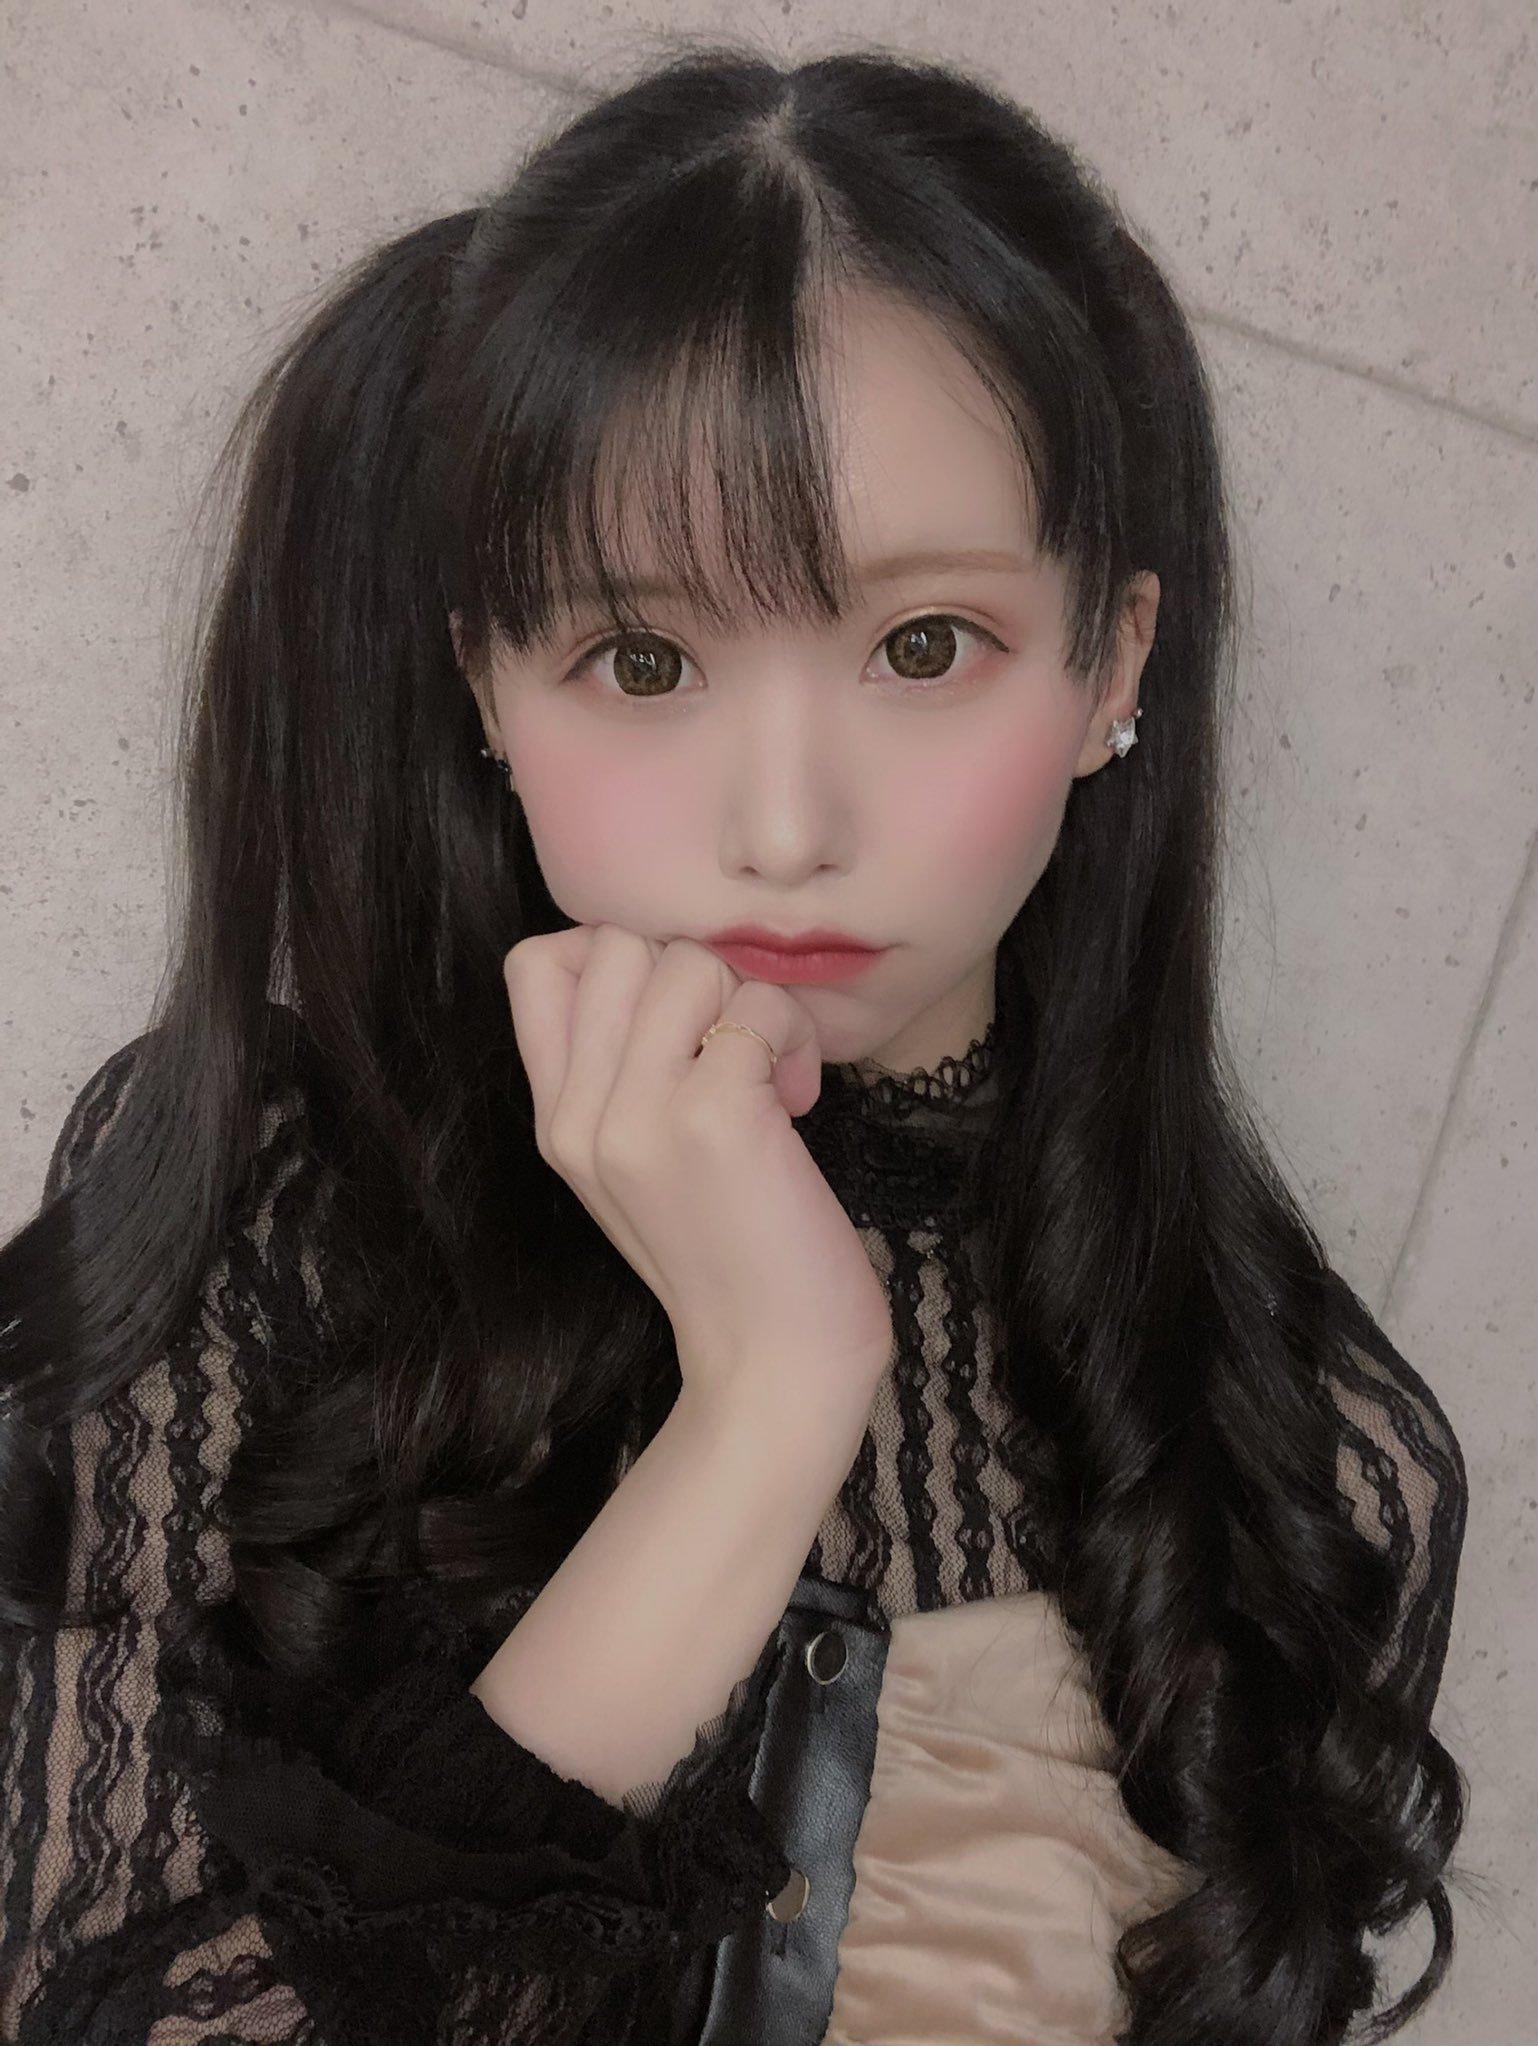 itsuki_akira 1229604179087216640_p0